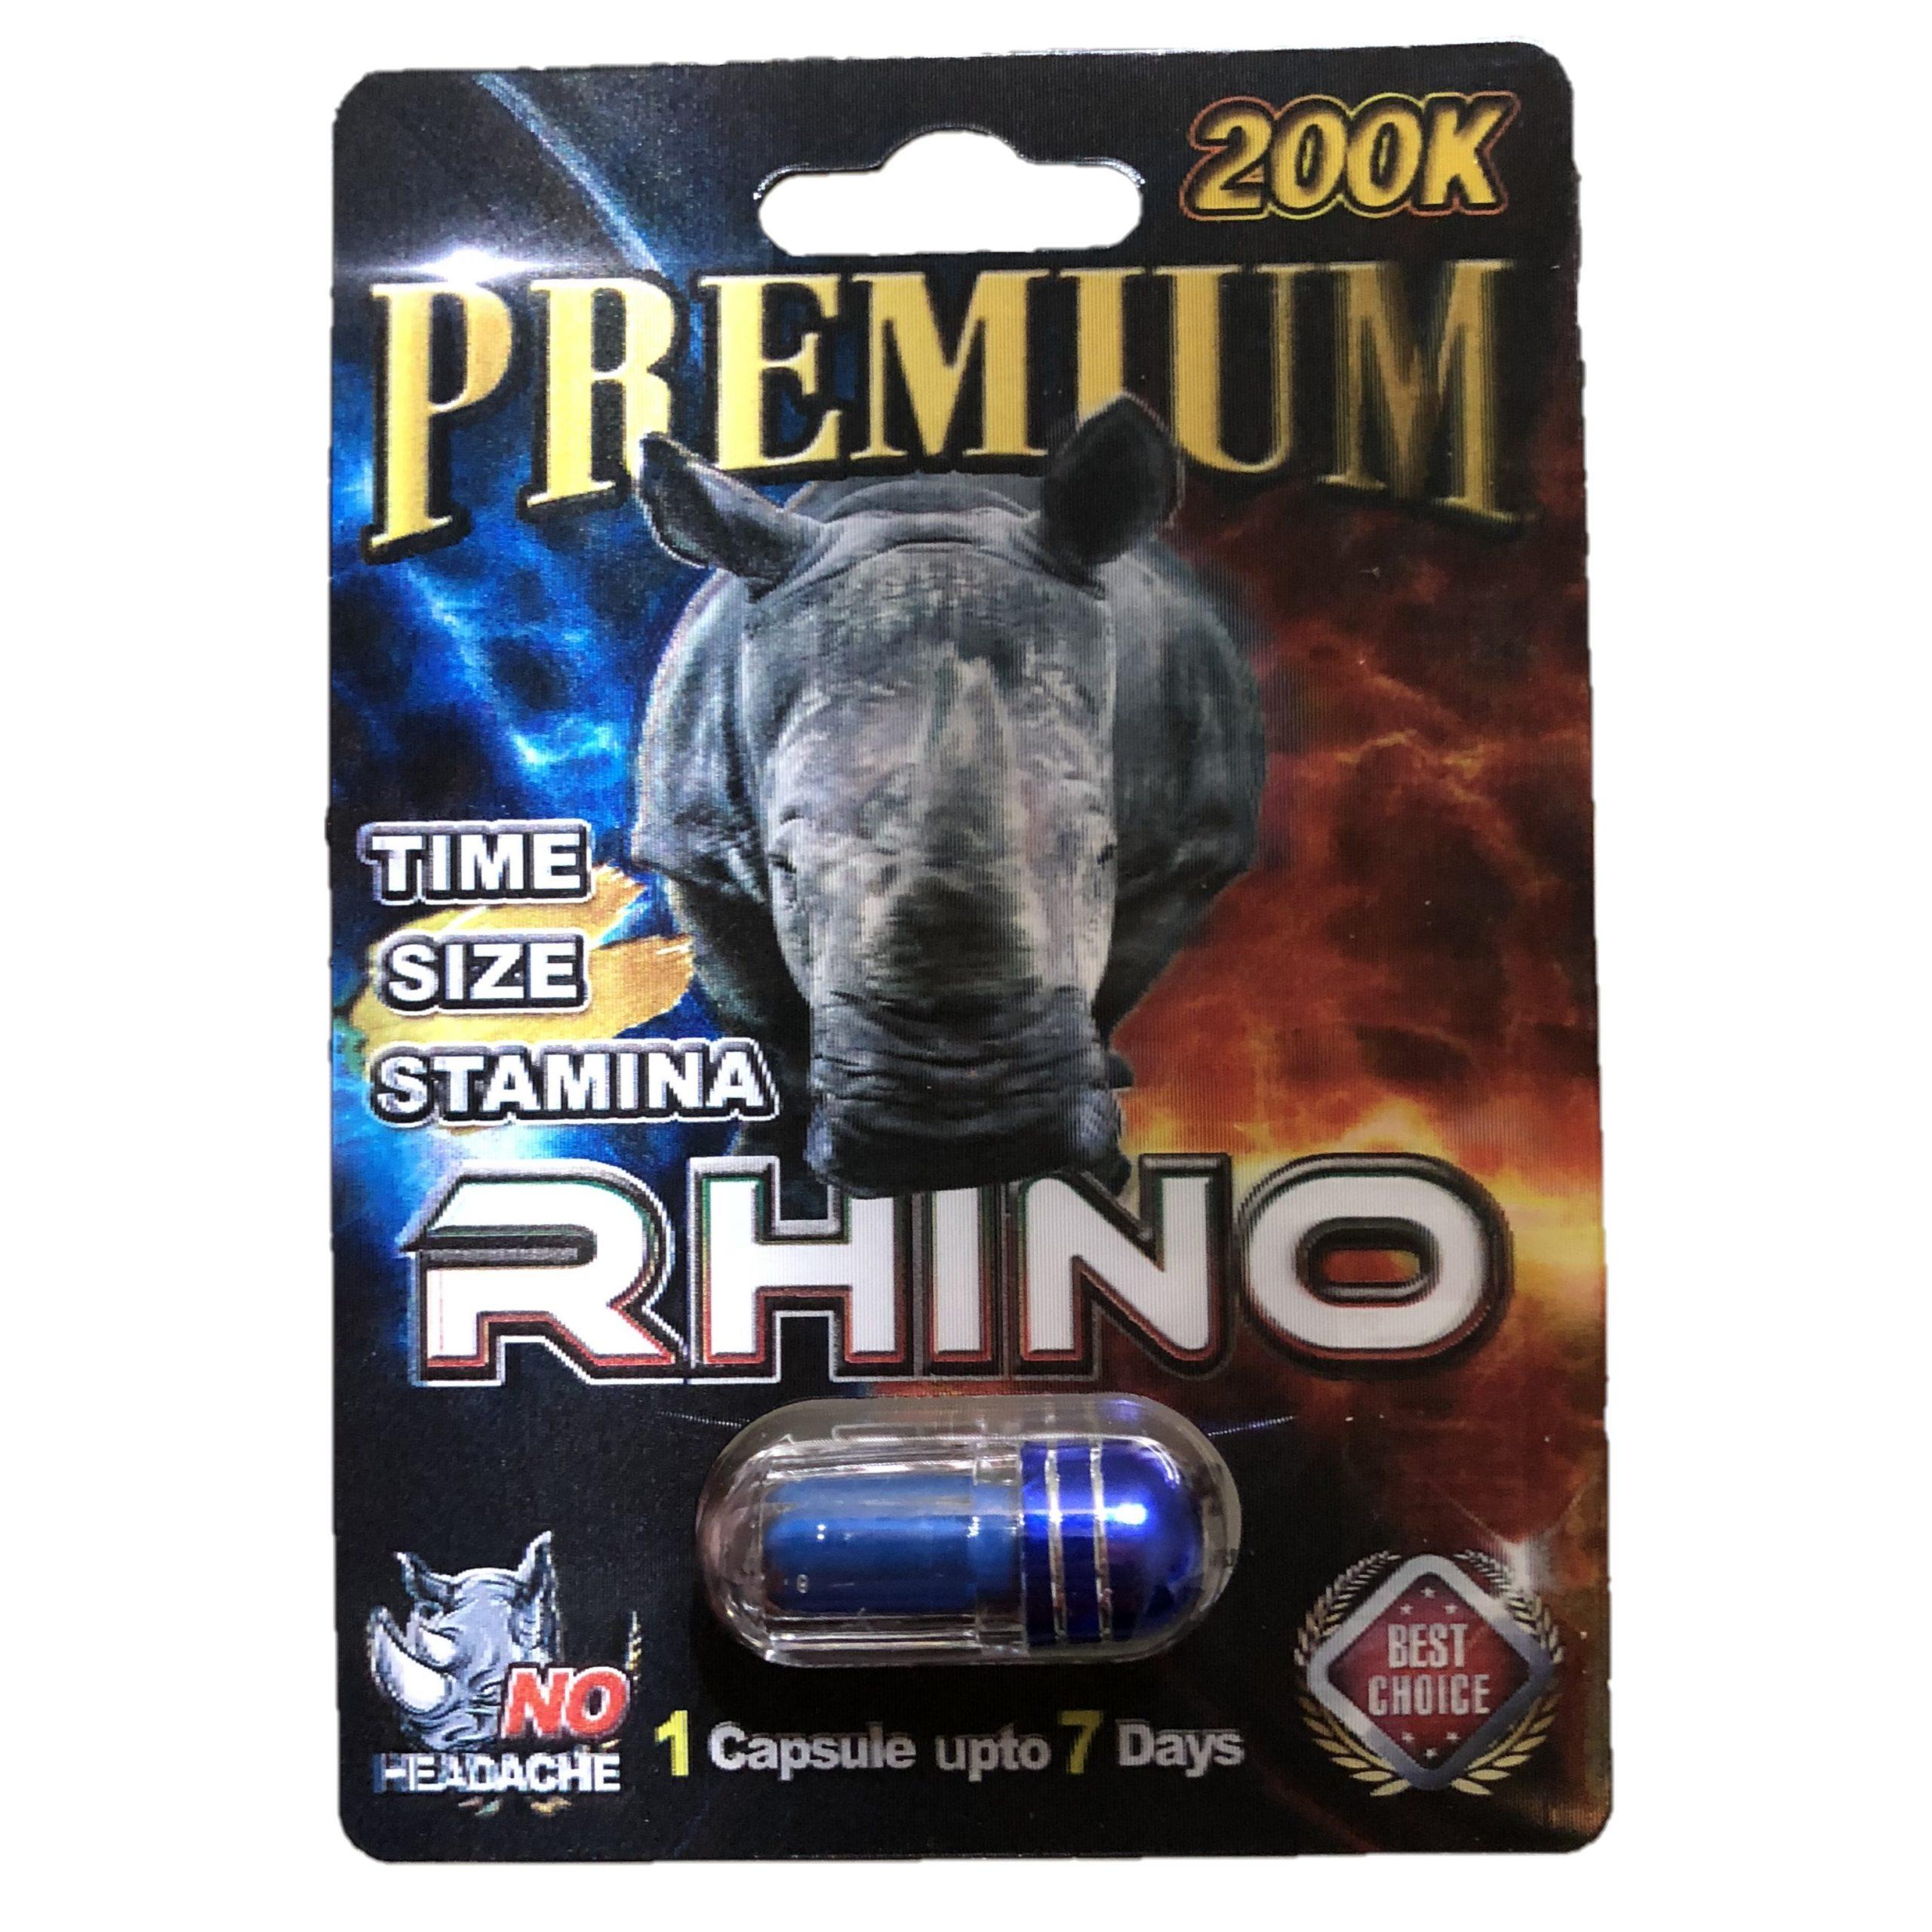 Rhino Premium 200K 5 Pill Pack